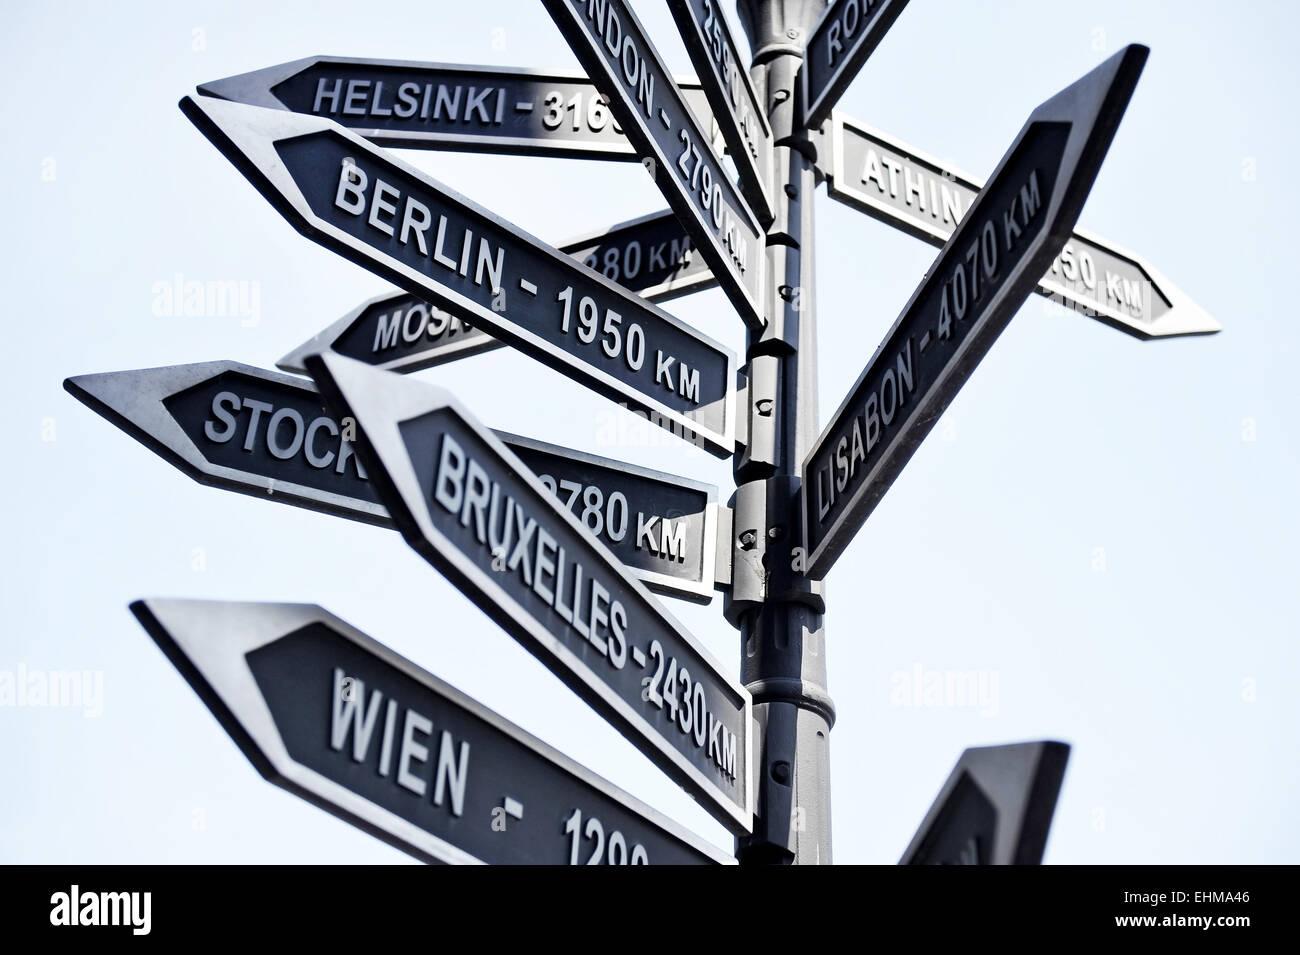 Straße Schild Zeigt Die Entfernung Zum Hauptstädten Europas